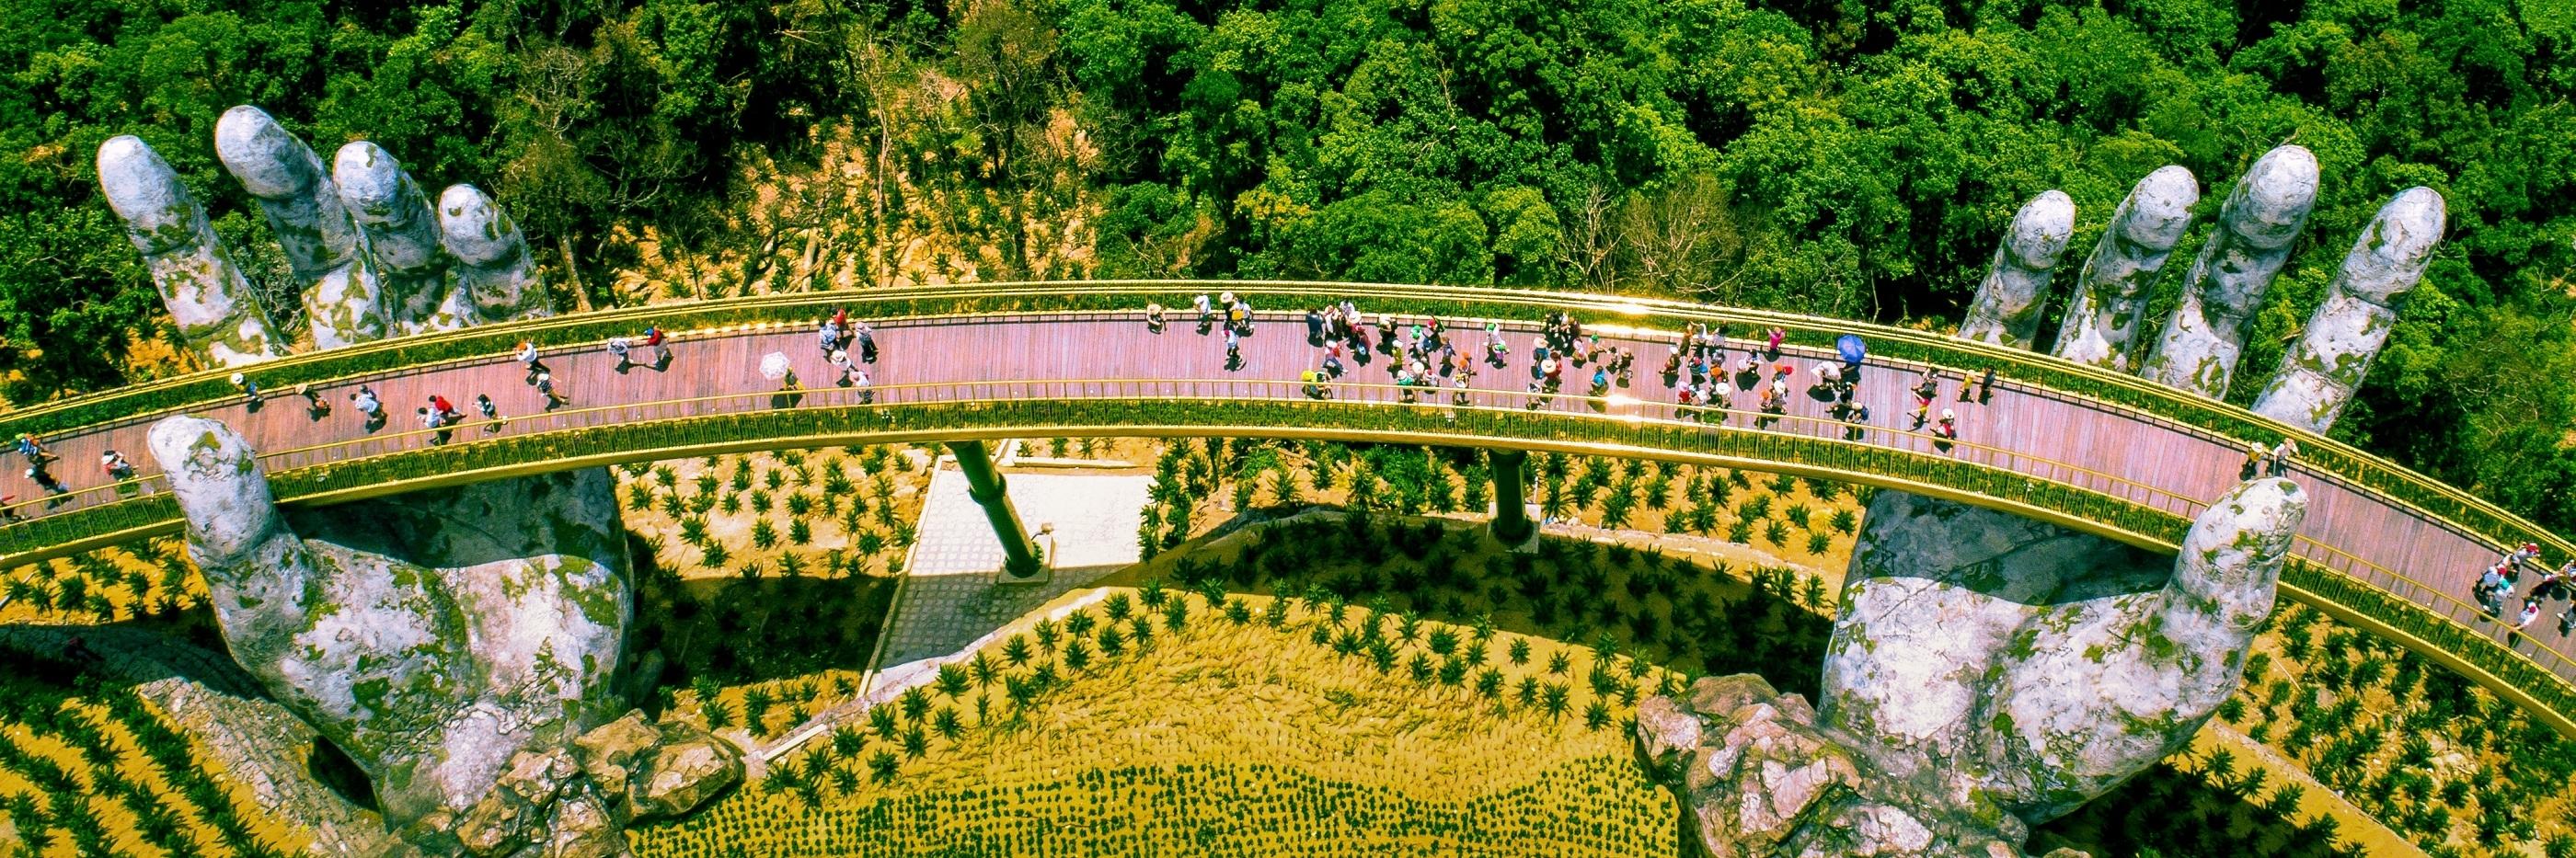 https://gody.vn/blog/du-lich-chau-a/post/10-diem-du-lich-viet-nam-duoi-3-trieu-dong-2012